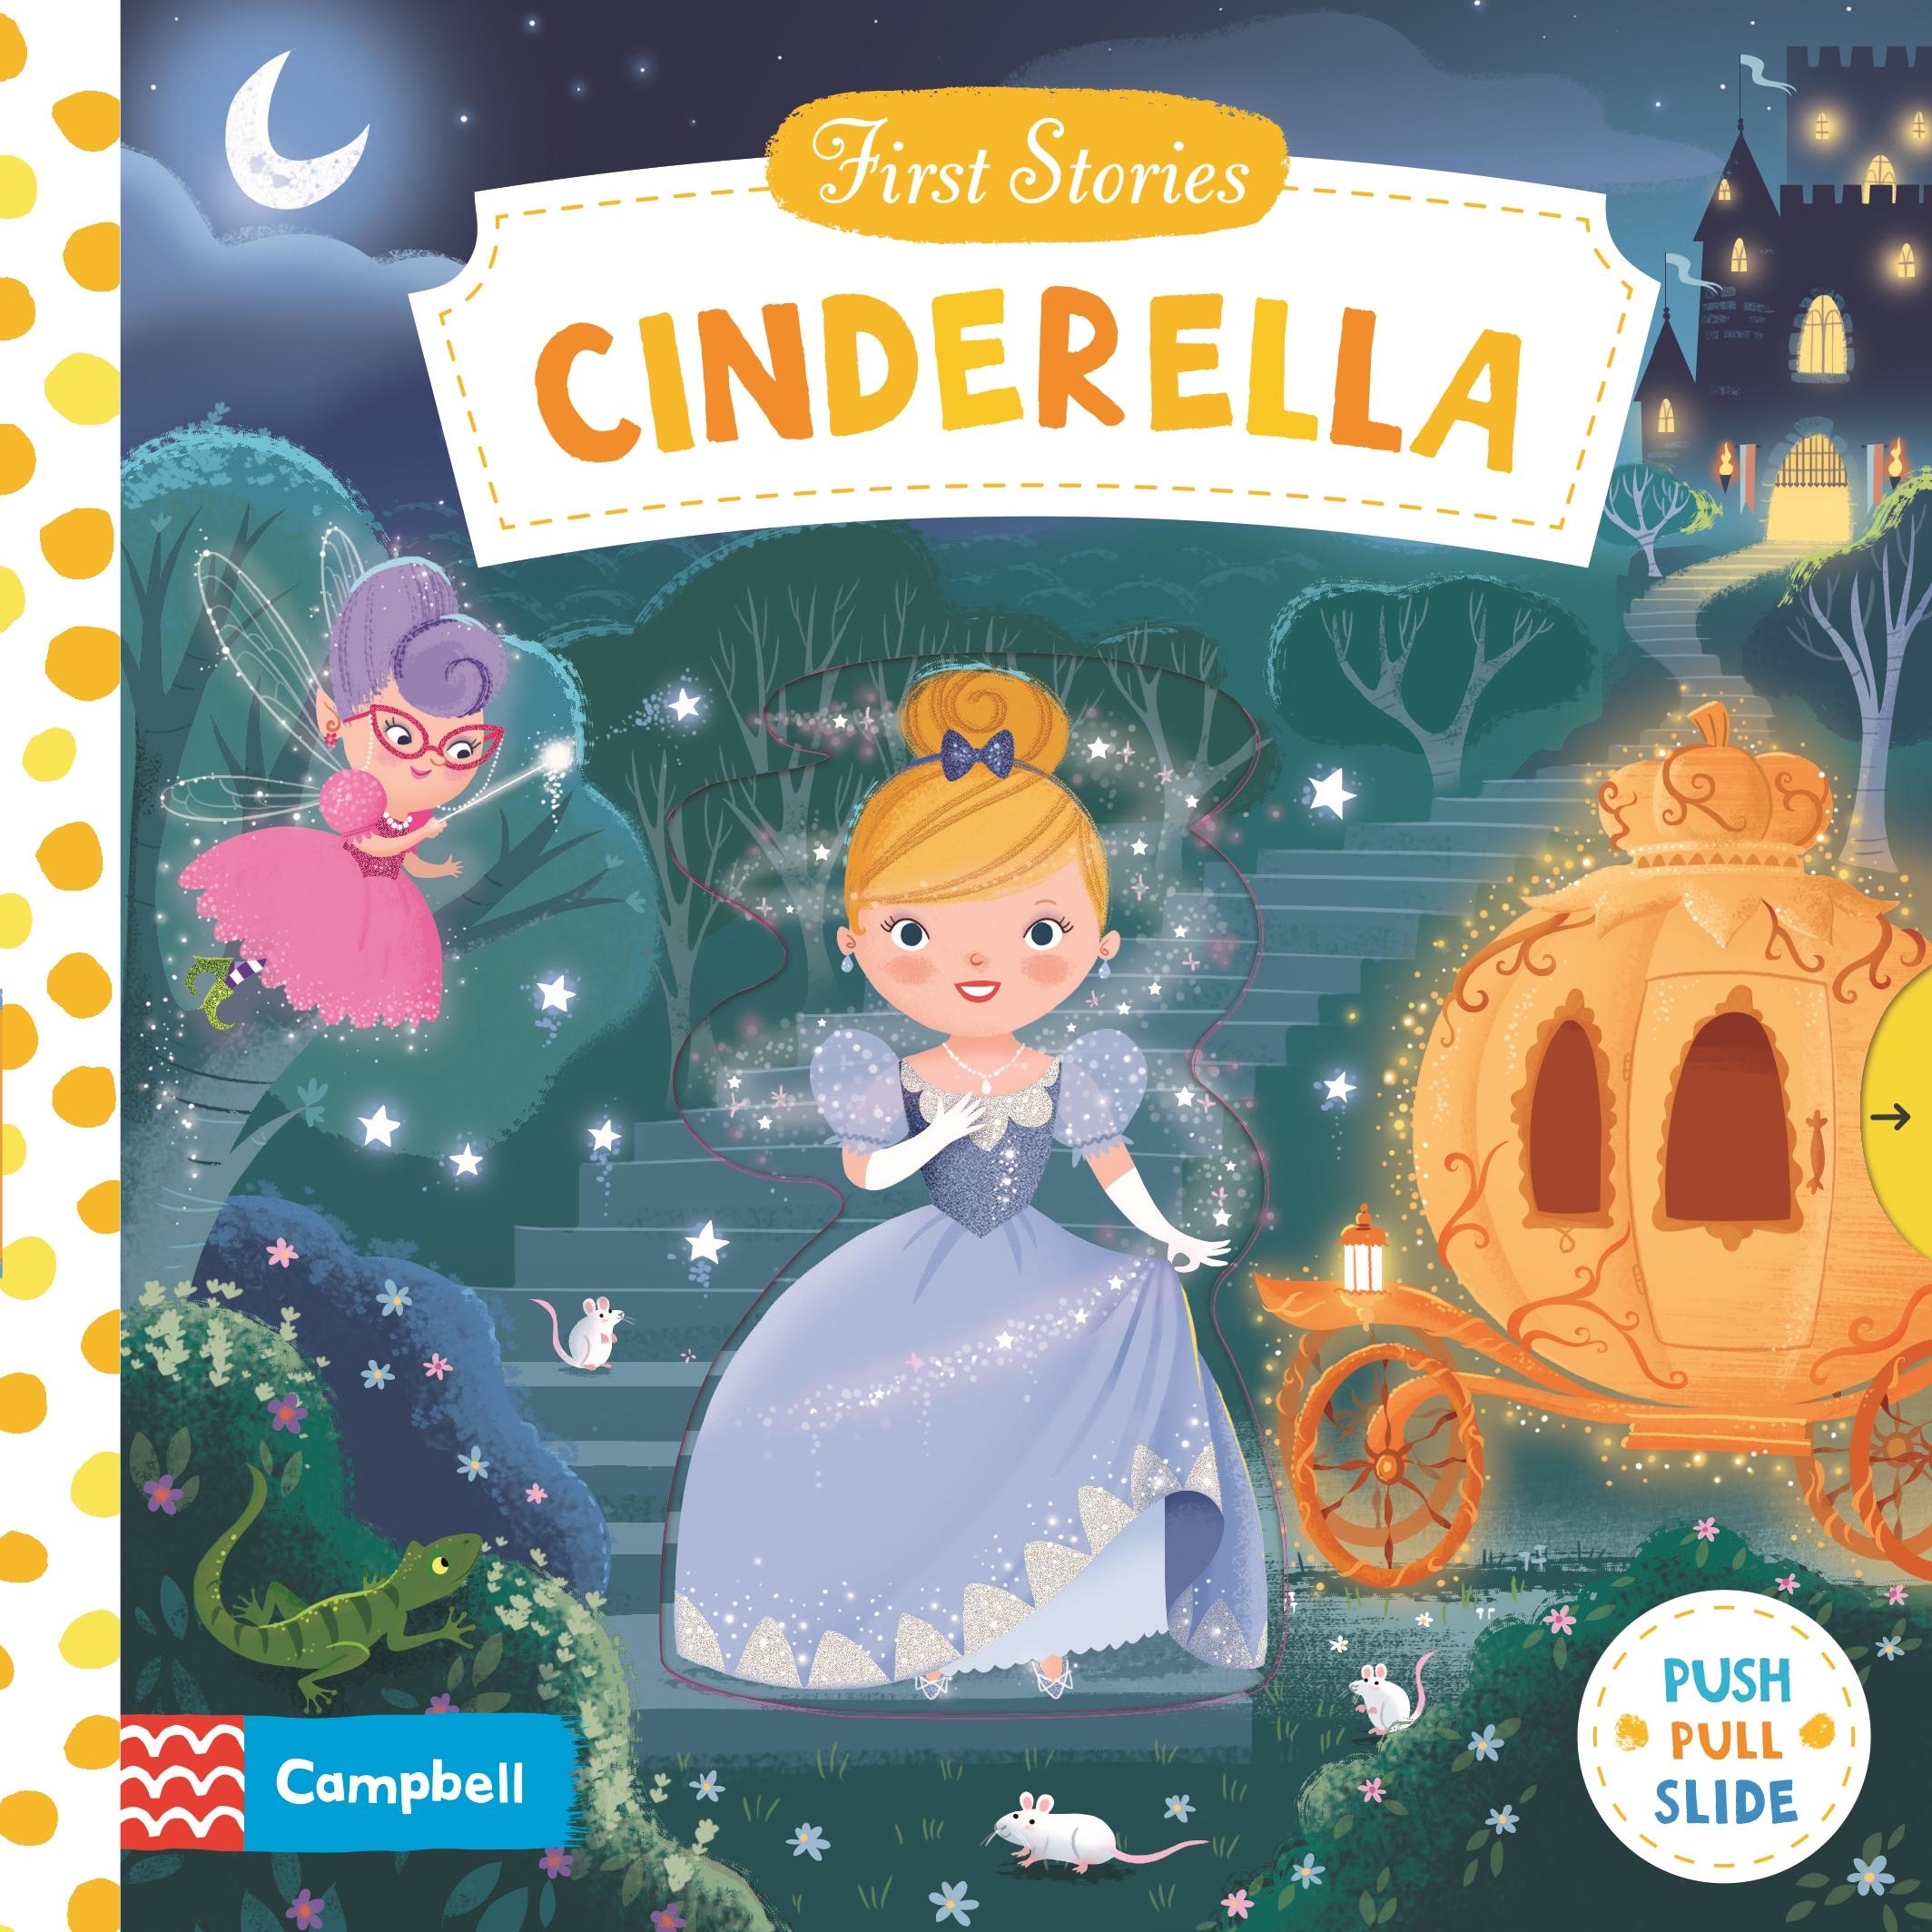 (First Stories) Cinderella